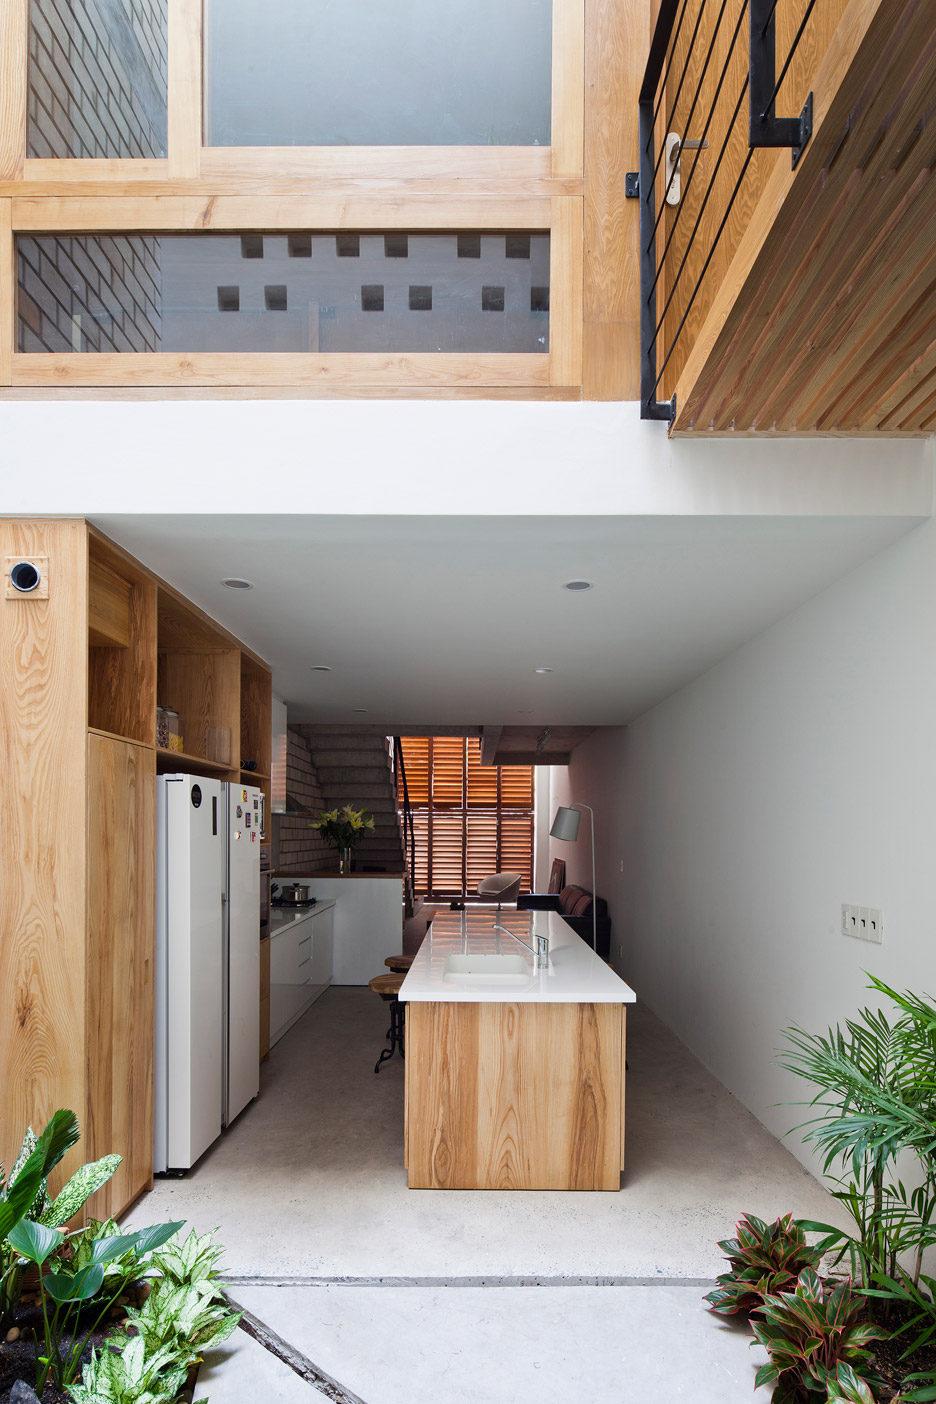 Khám phá căn nhà phố có cánh cửa gấp bằng gỗ